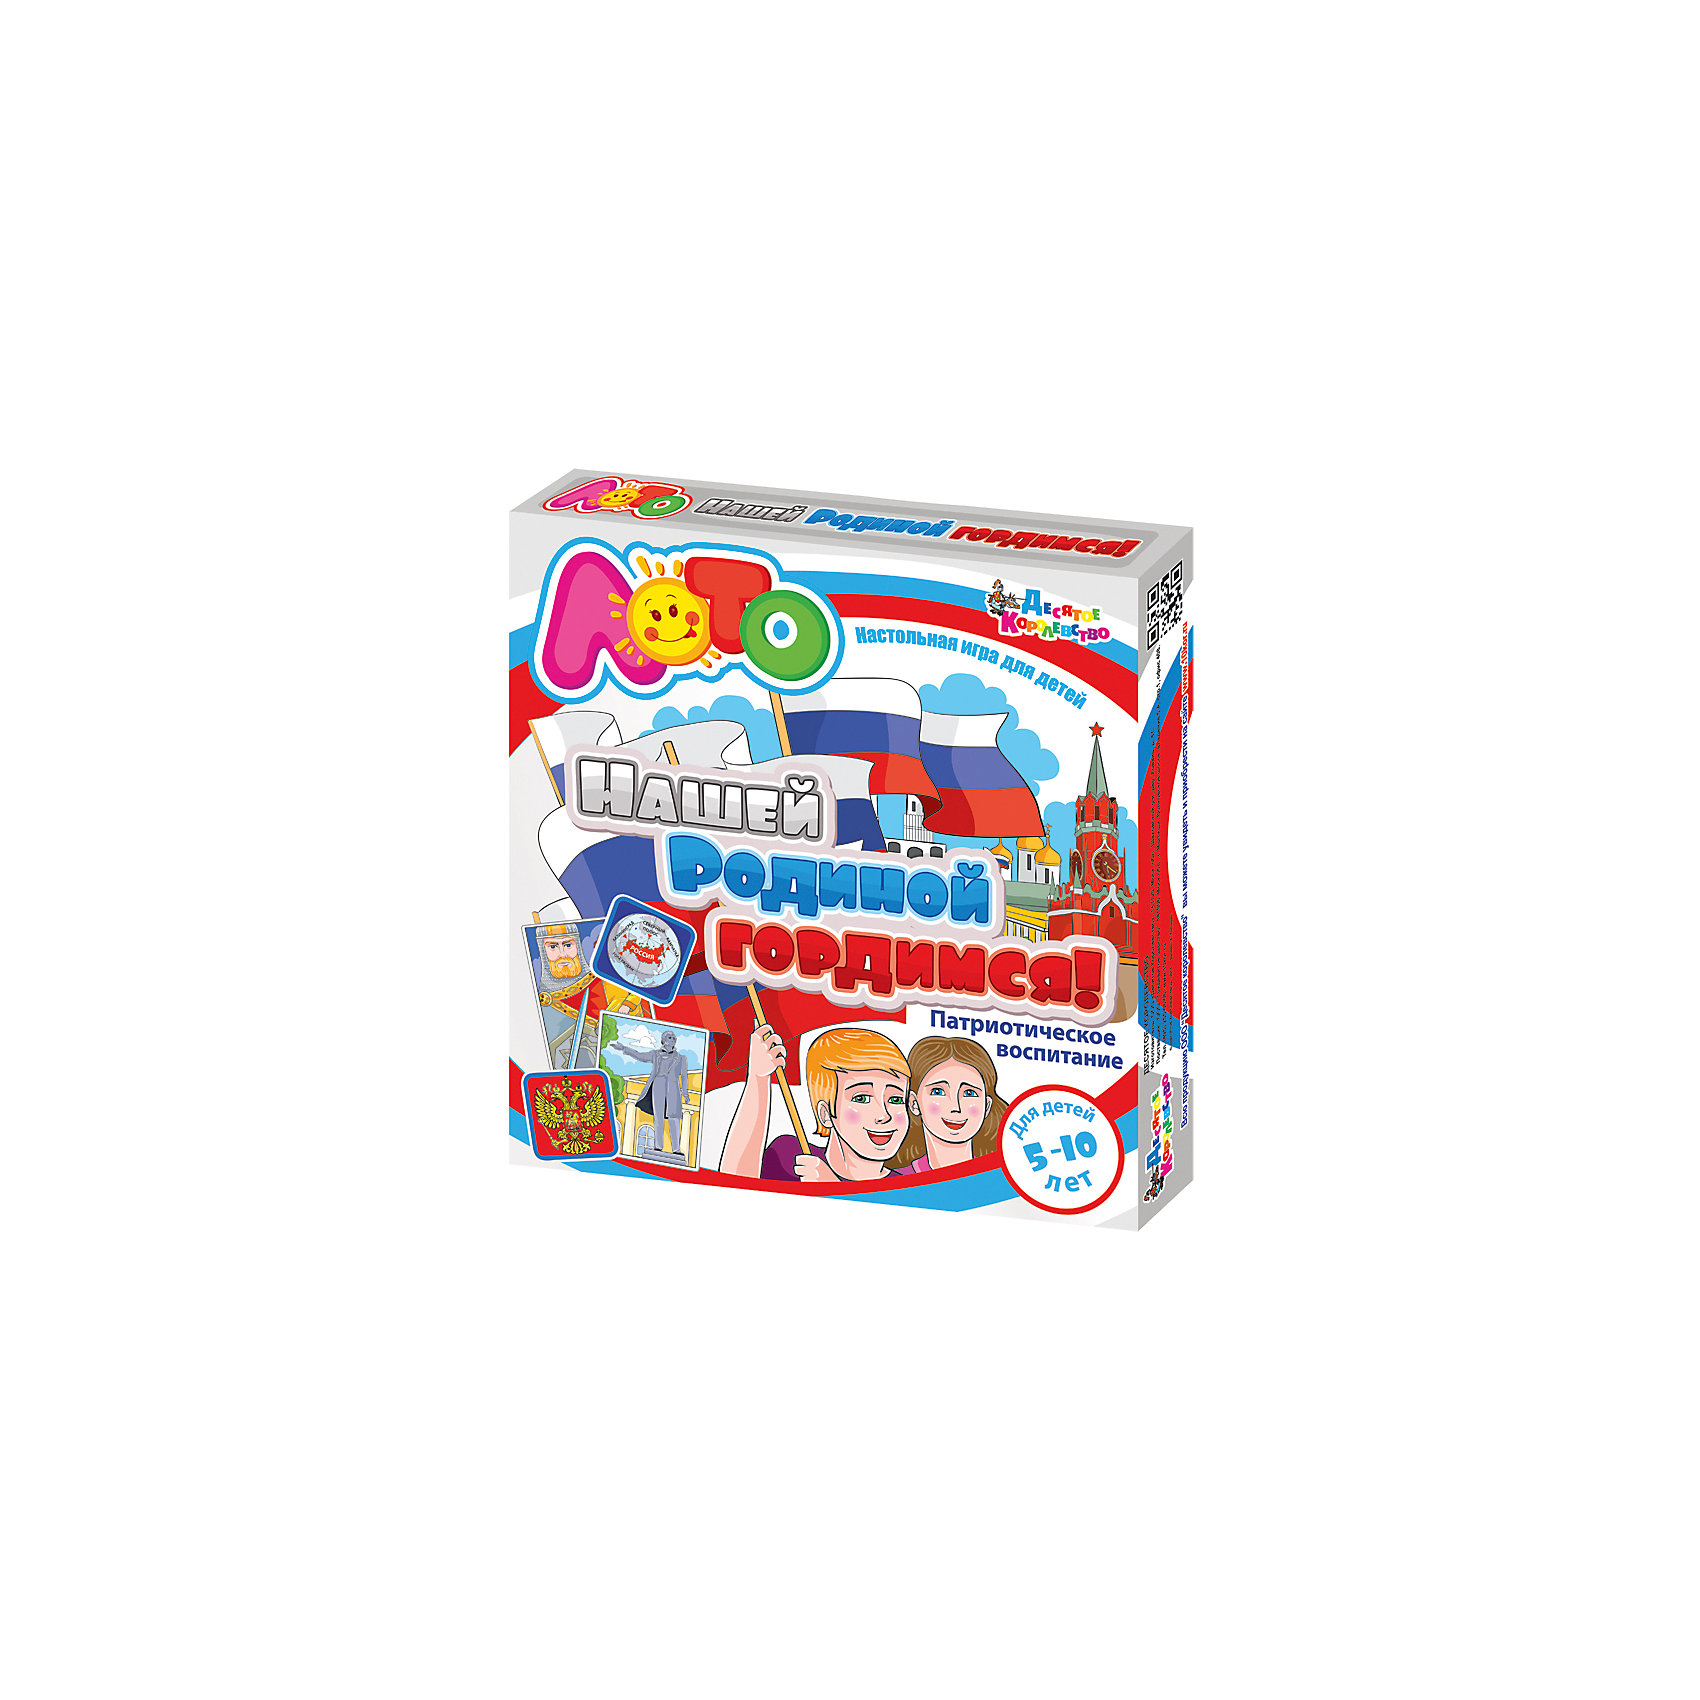 Лото Нашей Родиной гордимся, Десятое королевствоЛото<br>Лото Нашей Родиной гордимся, Десятое королевство<br><br>Характеристики: <br><br>• Возраст: от 4 лет<br>• Материал: картон<br>• В комплекте: 48 маленьких карточек, 40 больших карточек и инструкция<br><br>Это увлекательное лото в игровой форме расскажет ребенку о культуре России. В наборе содержатся 40 больших и 48 маленьких карточек. Суть игры в том, чтобы к большой карточке подобрать верный вариант маленькой, когда на большой карточке изображена картинка и стихотворение, а на маленькой - только картинка. <br><br>Благодаря тому, что на одну большую карточку приходятся 1-2 маленькие, игра обладает большой вариативностью и увеличивает игровое время, а так же количество интересного для ребенка материала.<br><br>Лото Нашей Родиной гордимся, Десятое королевство можно купить в нашем интернет-магазине.<br><br>Ширина мм: 285<br>Глубина мм: 280<br>Высота мм: 40<br>Вес г: 369<br>Возраст от месяцев: 60<br>Возраст до месяцев: 84<br>Пол: Унисекс<br>Возраст: Детский<br>SKU: 5473761